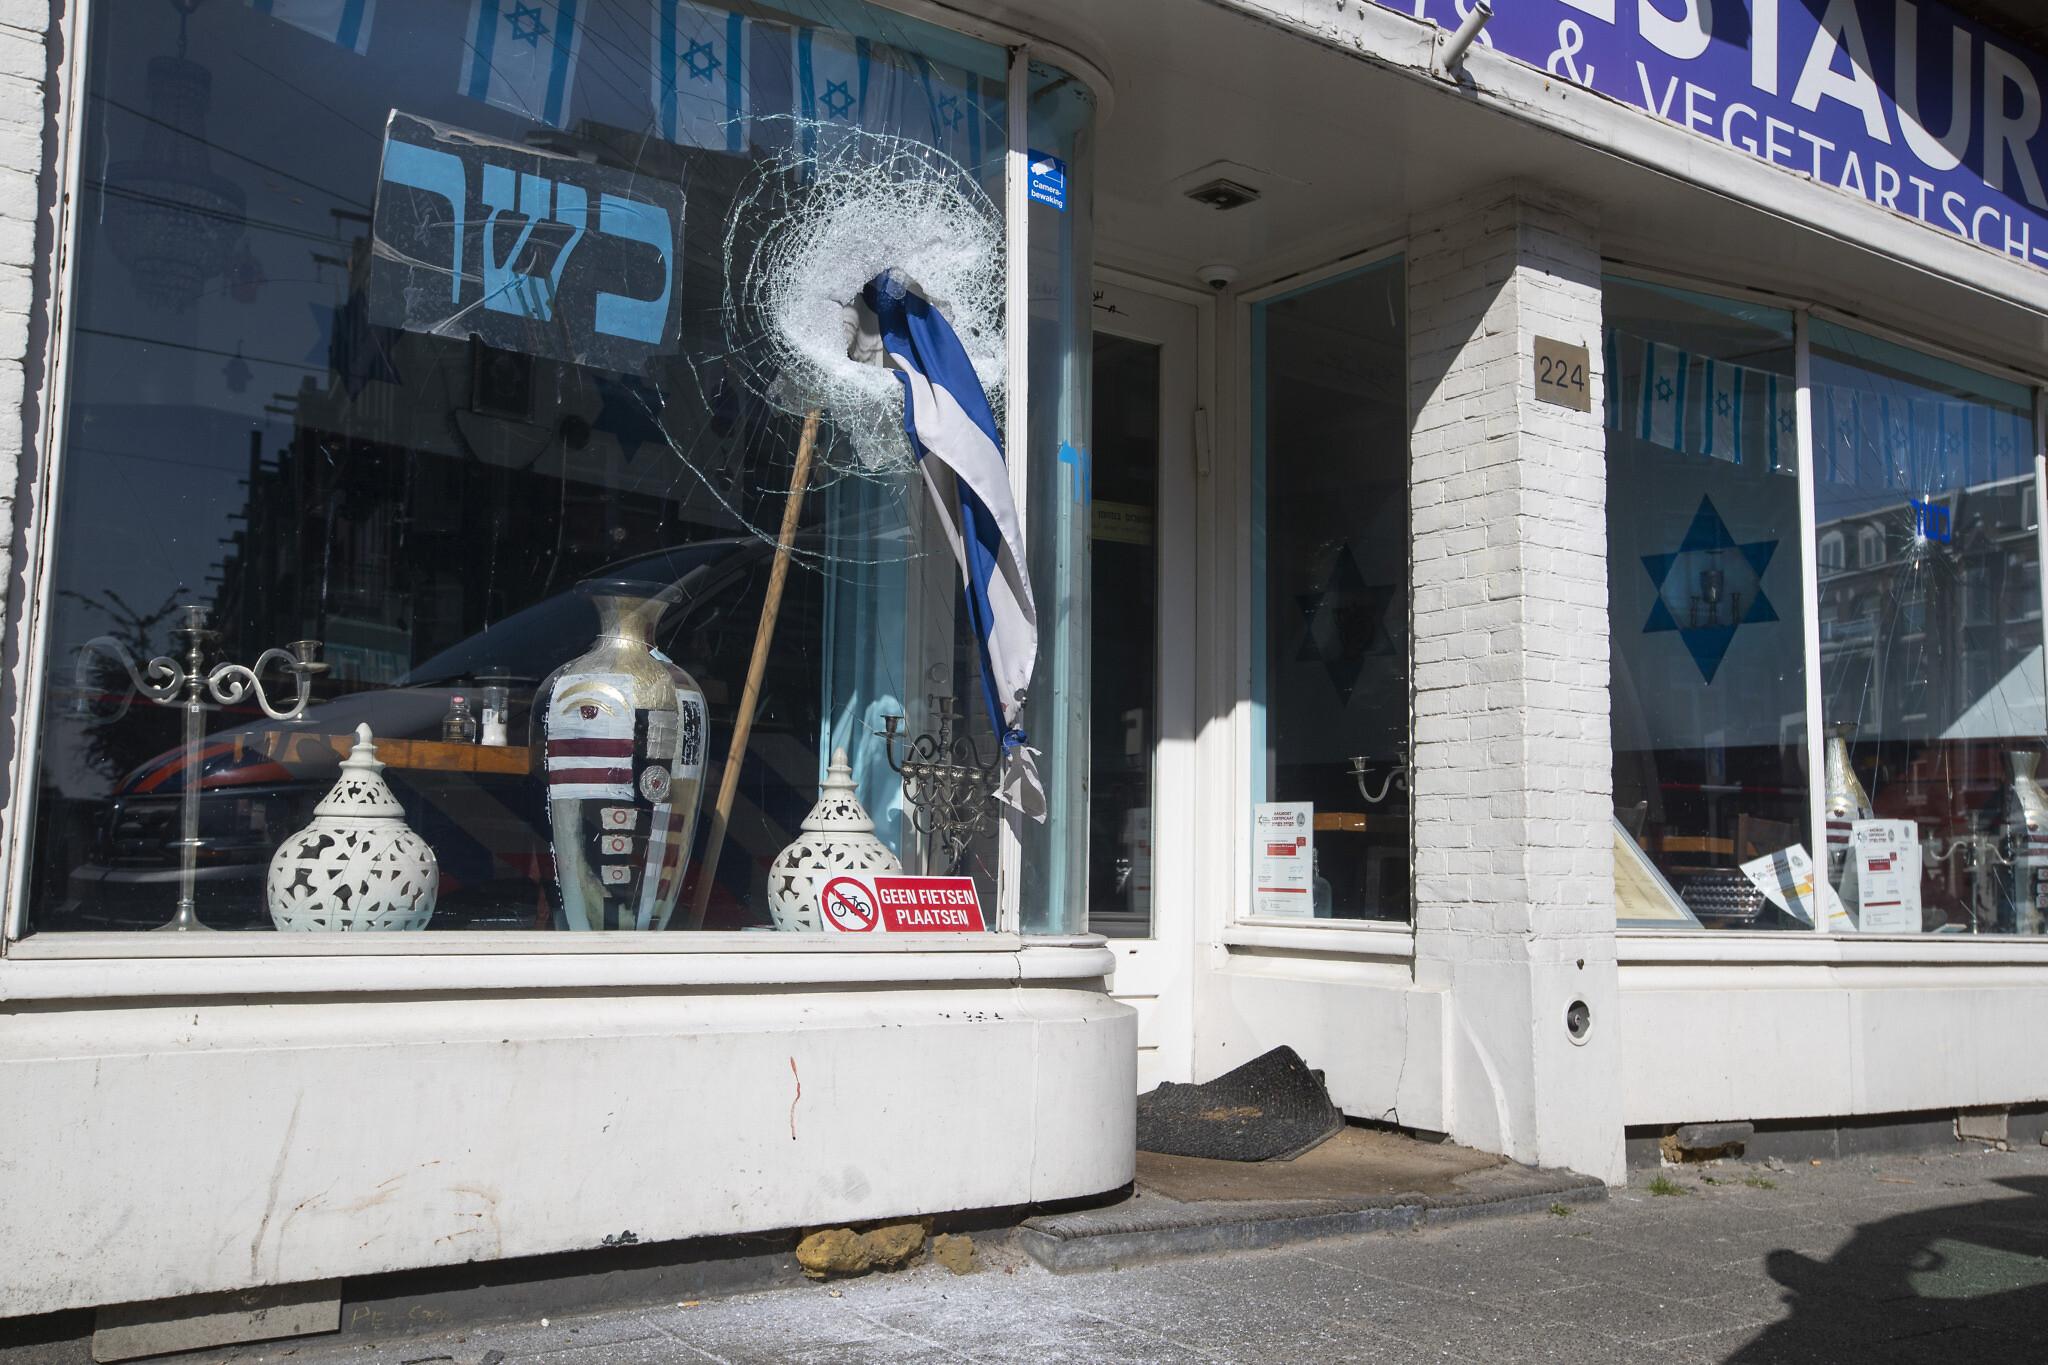 Hősiesen állja a sorozatos vandáltámadásokat egy amszterdami kóser étterem